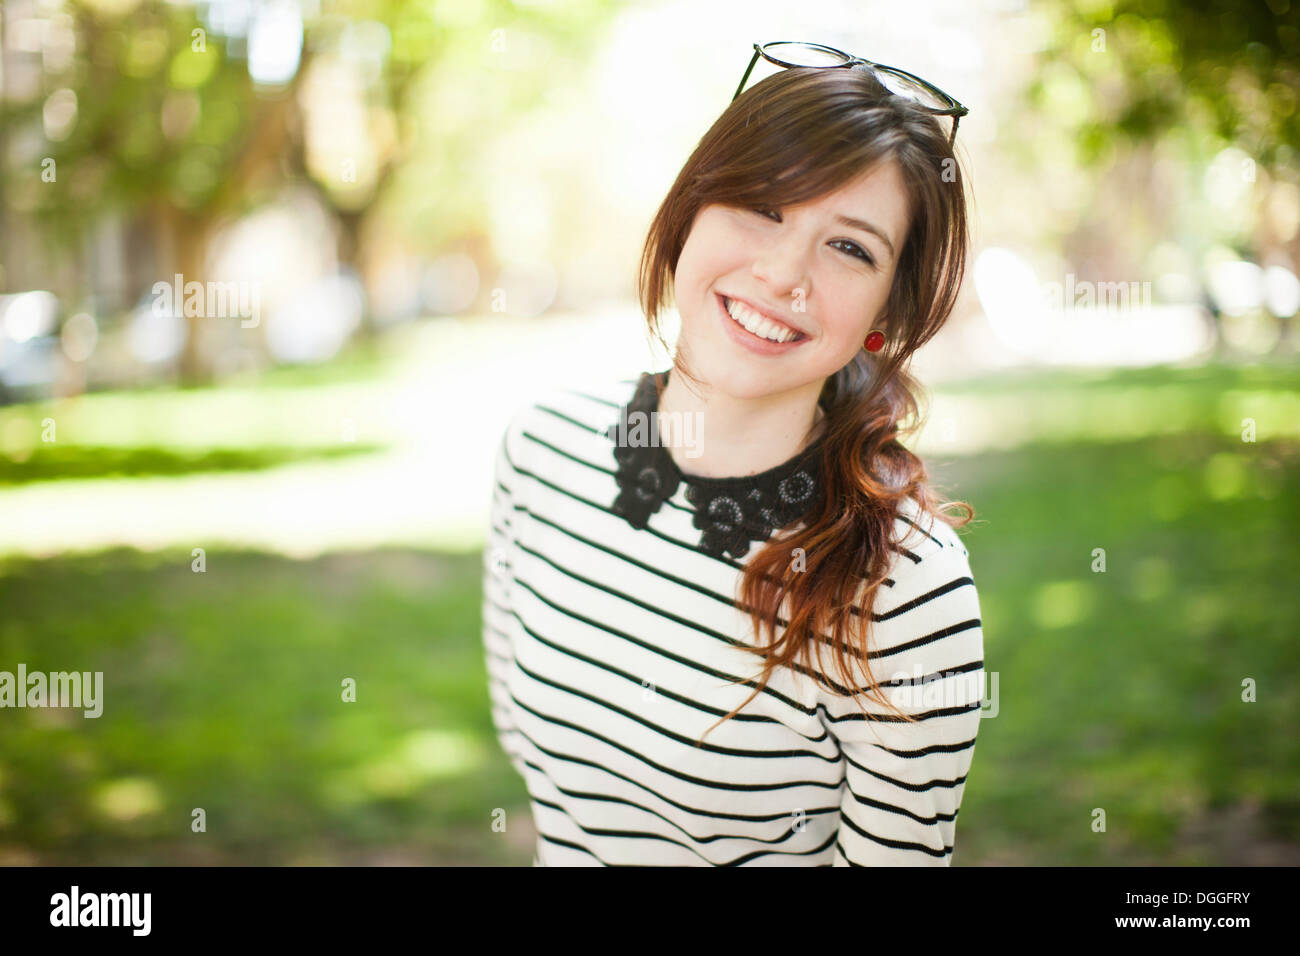 Porträt der jungen Frau im park Stockbild